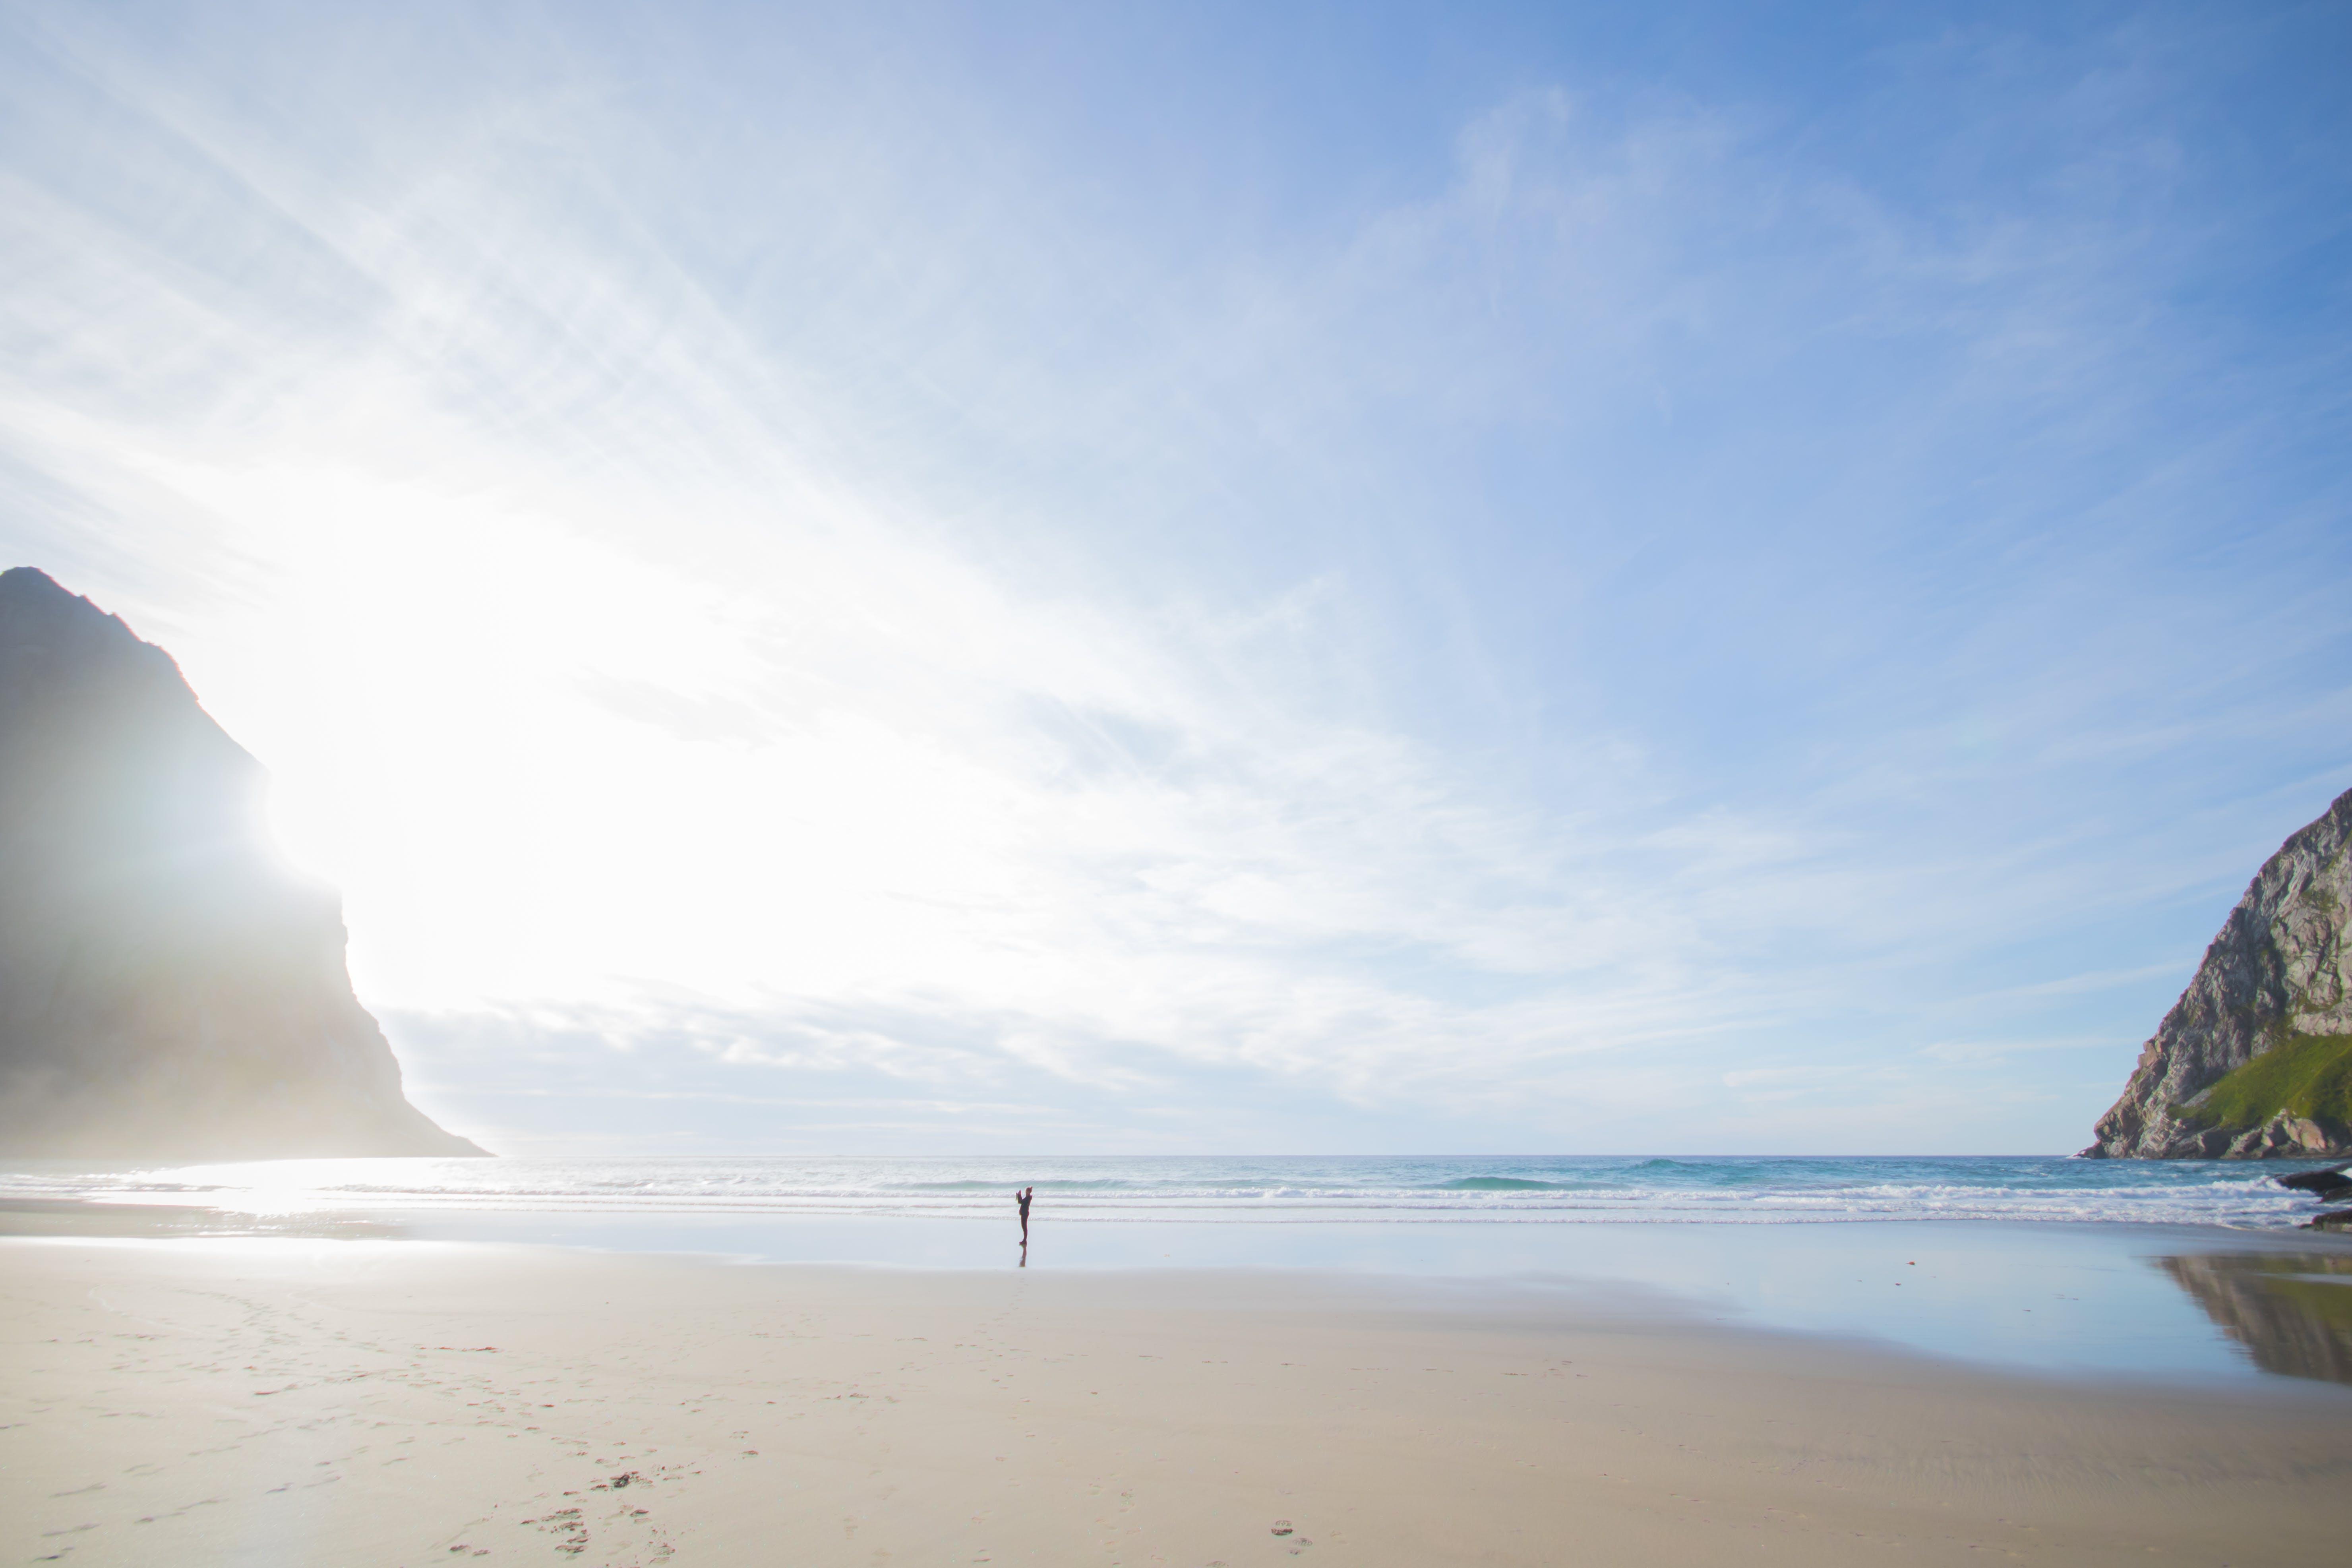 Person Walking at the Beach Seen Afar